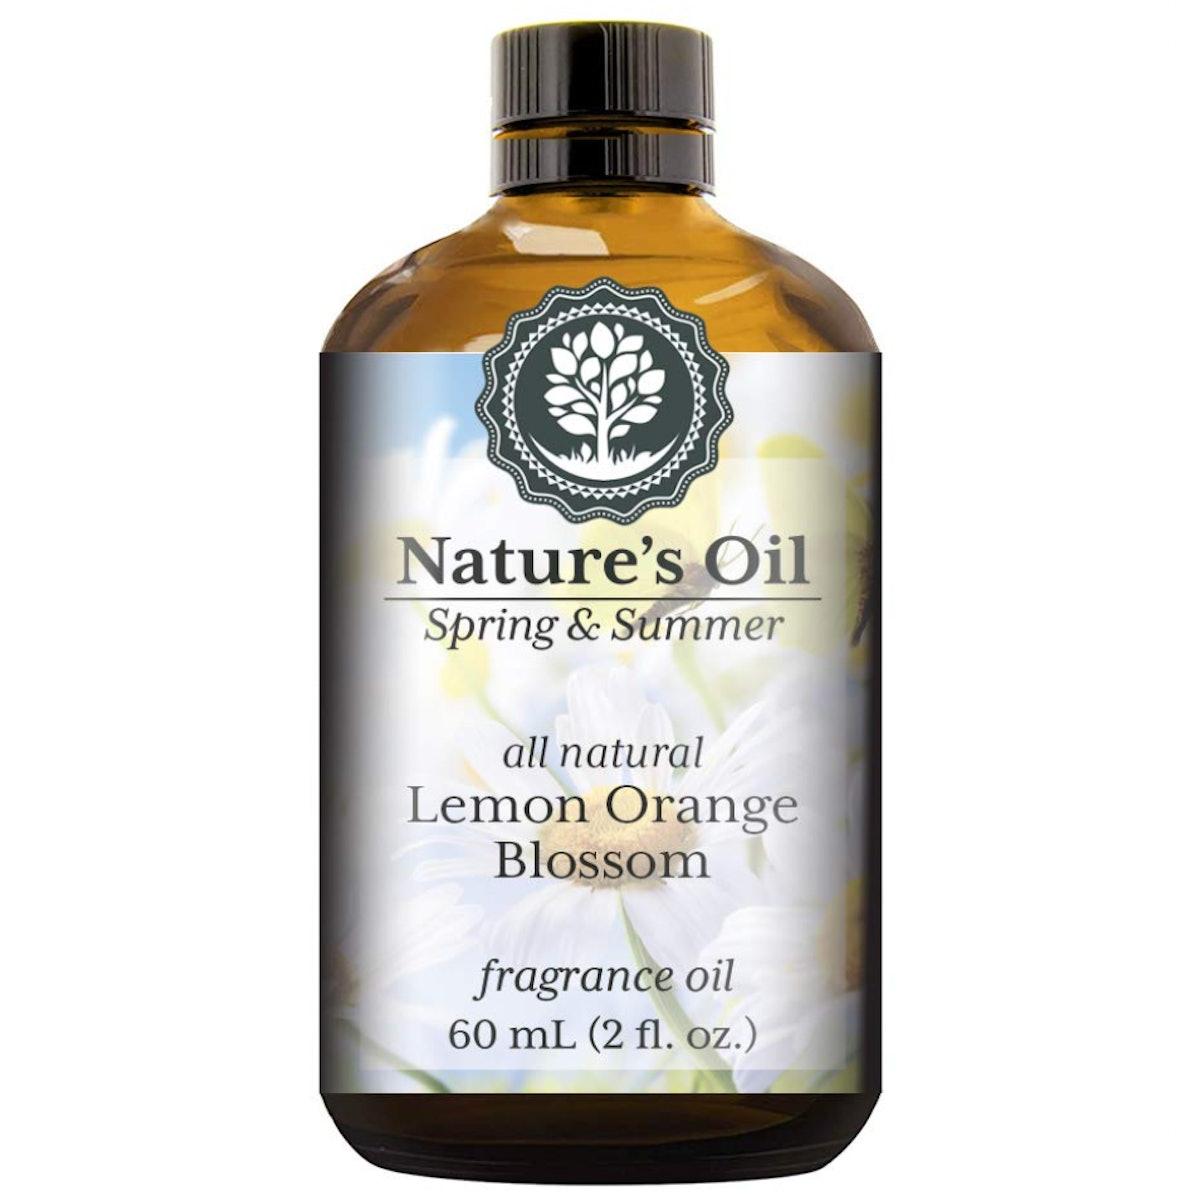 Nature's Oil Lemon Orange Blossom Fragrance Oil, 60ml